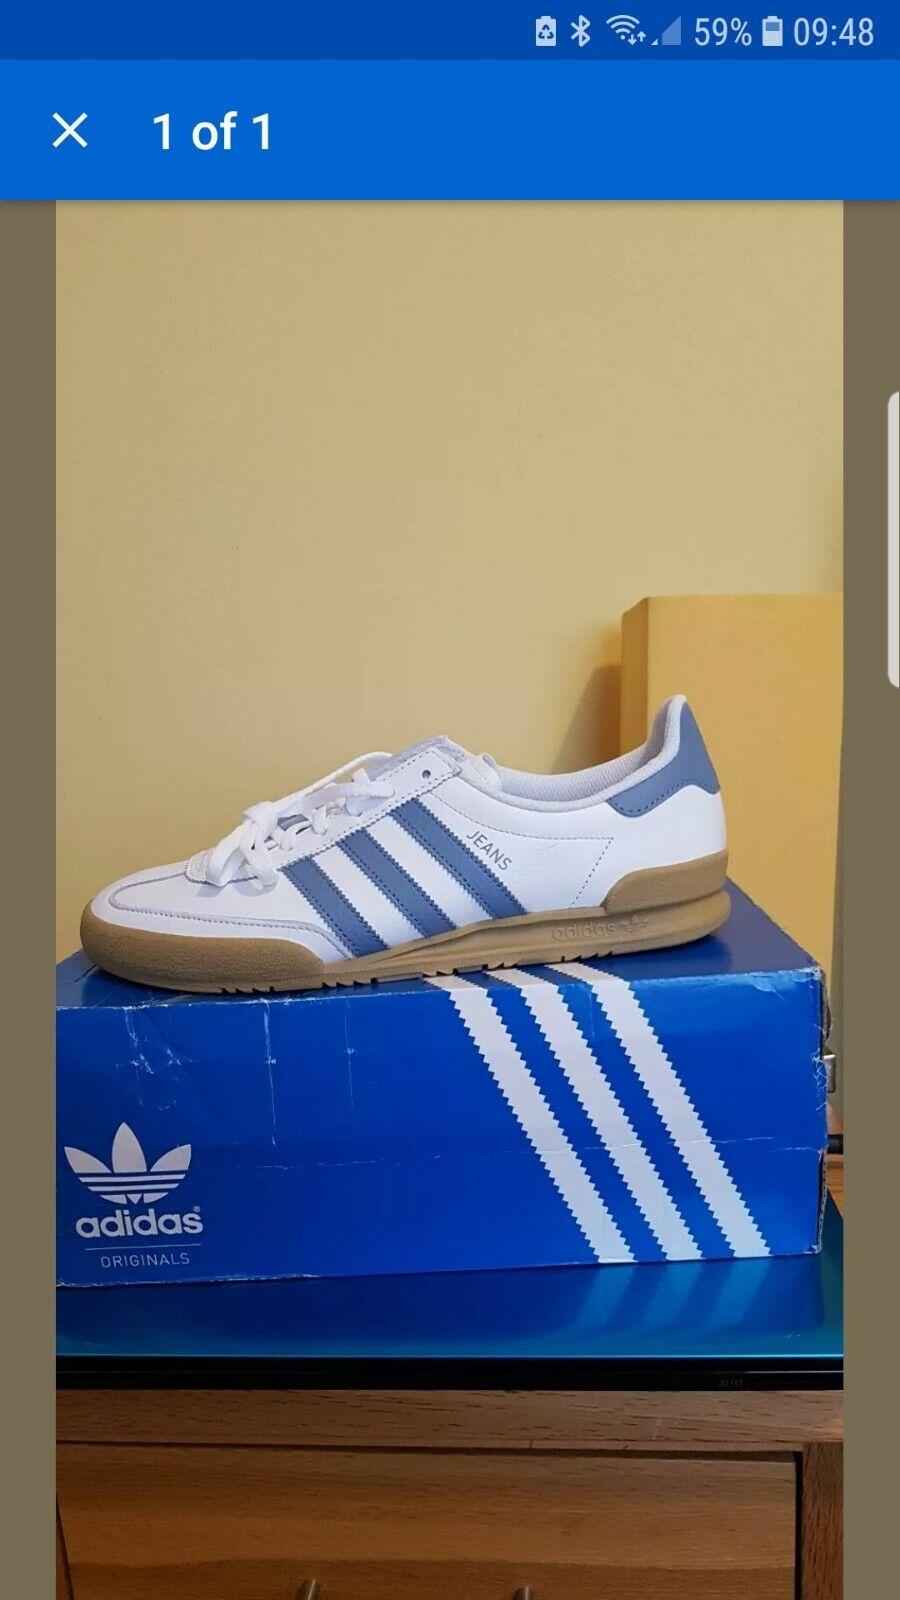 Zapatillas Adidas Originals Jeans Talla 11 Reino Unido